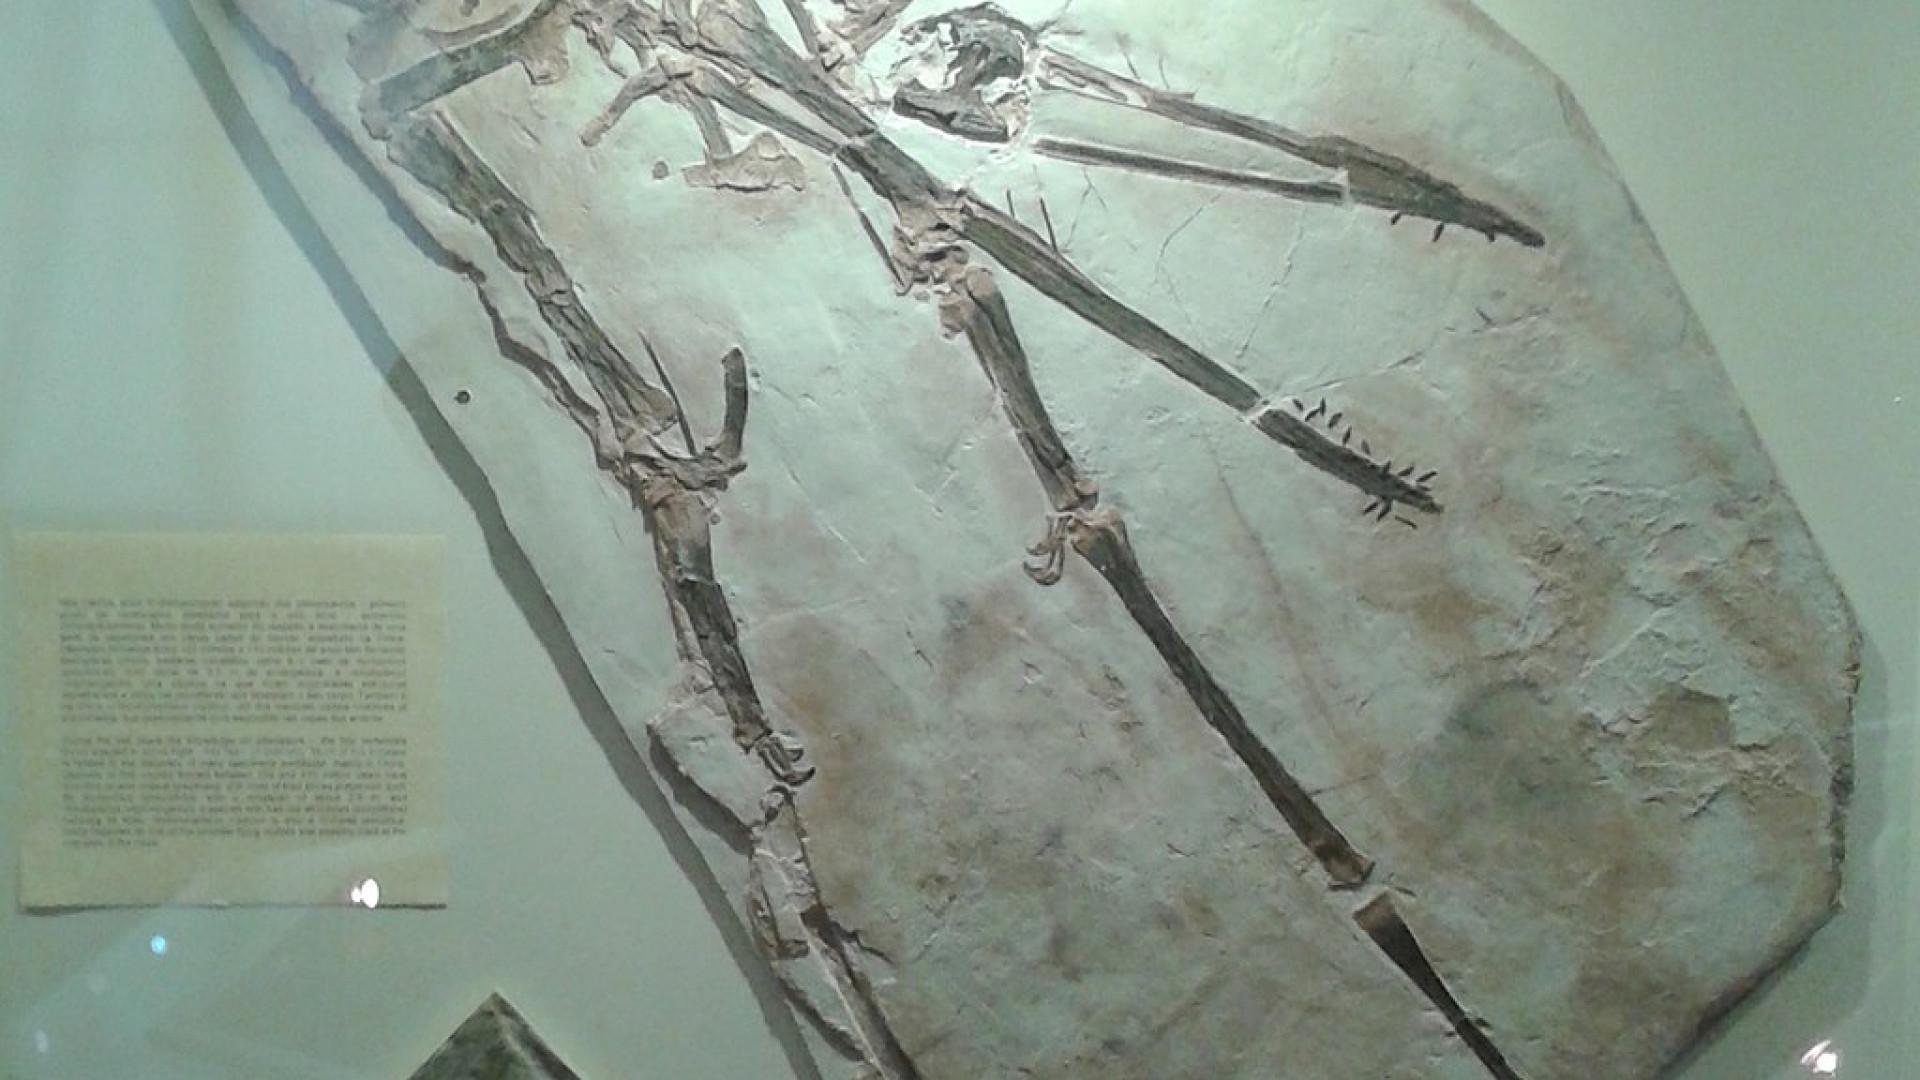 Pterossauros extinguiram-se repentinamente e não de forma lenta